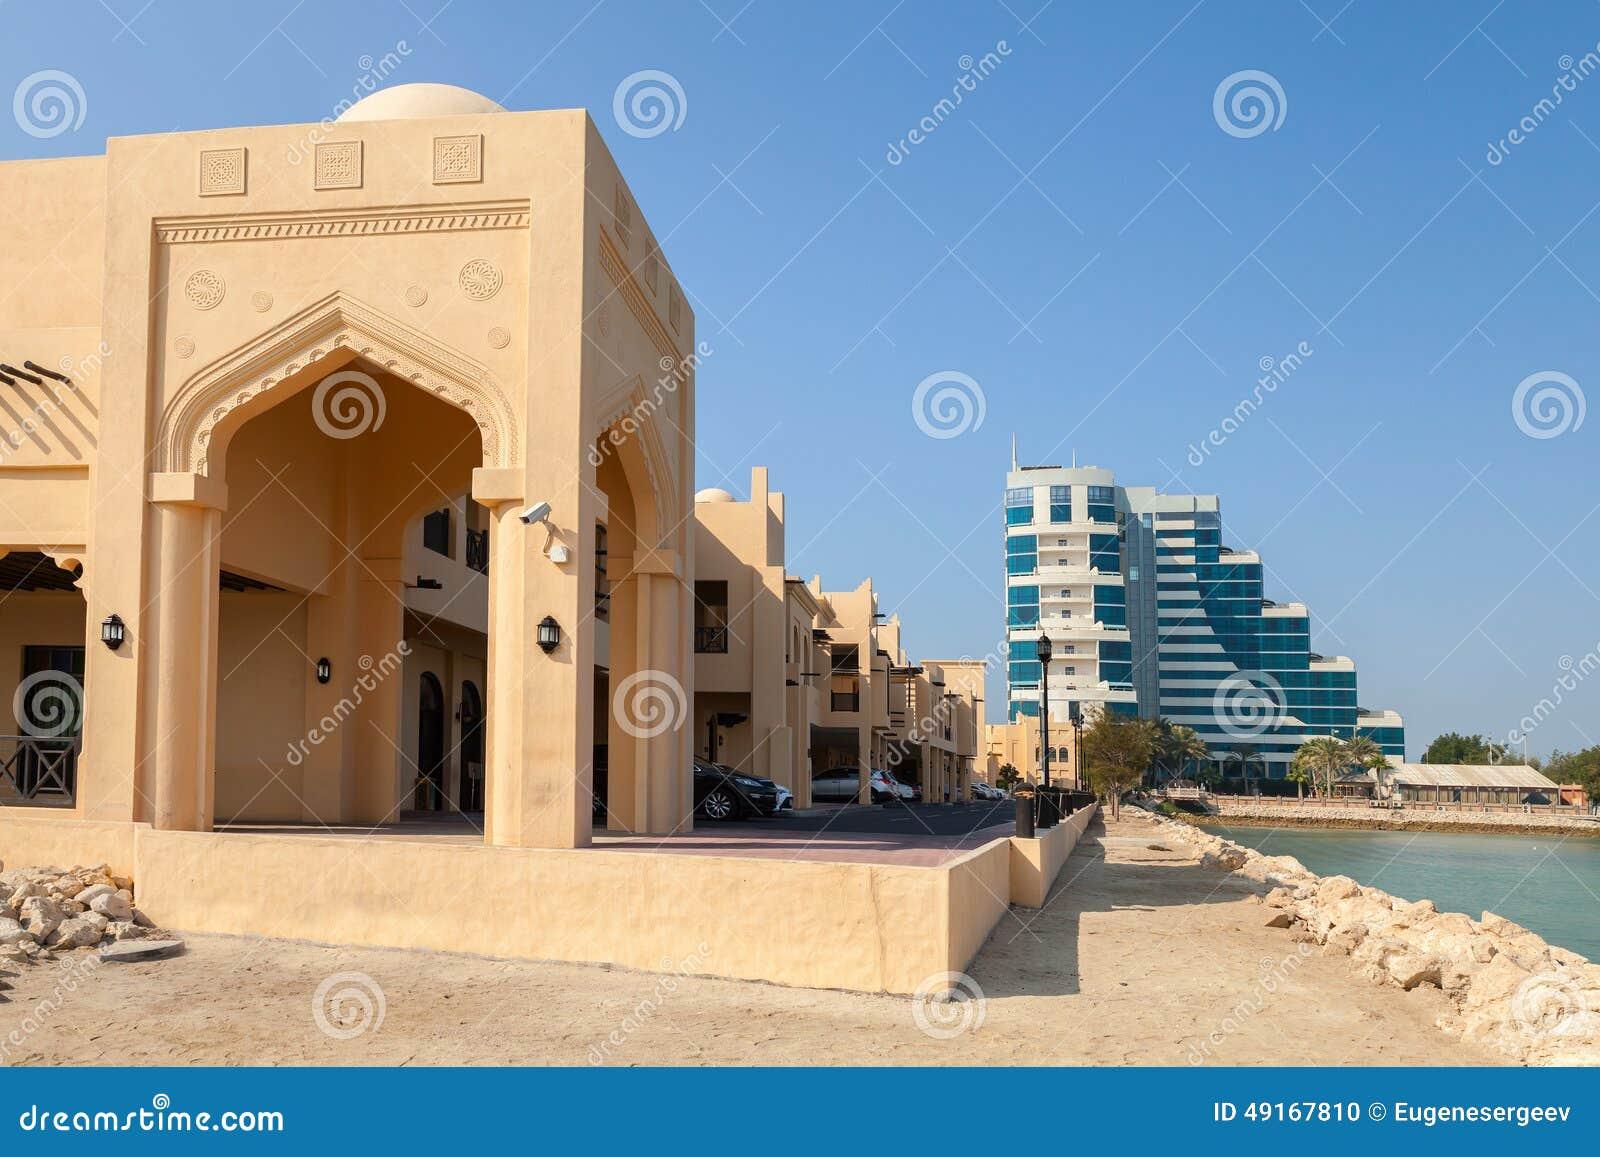 Fragmento amarillo de la casa con el arco rabe cl sico - Casas estilo arabe ...